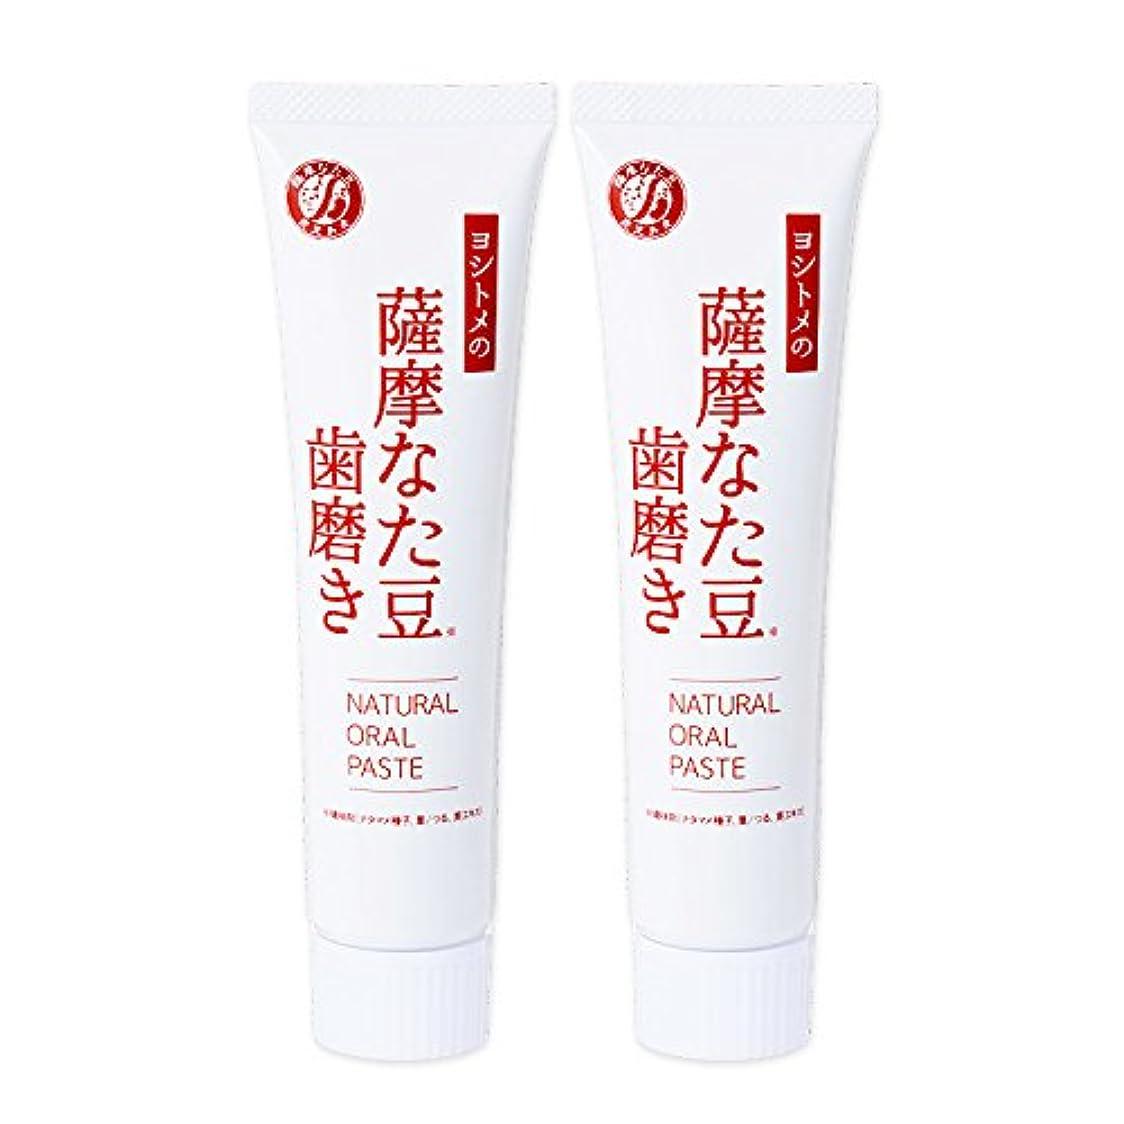 に対応する脅威タウポ湖ヨシトメの薩摩なた豆歯磨き [110g]白箱◆2個セット